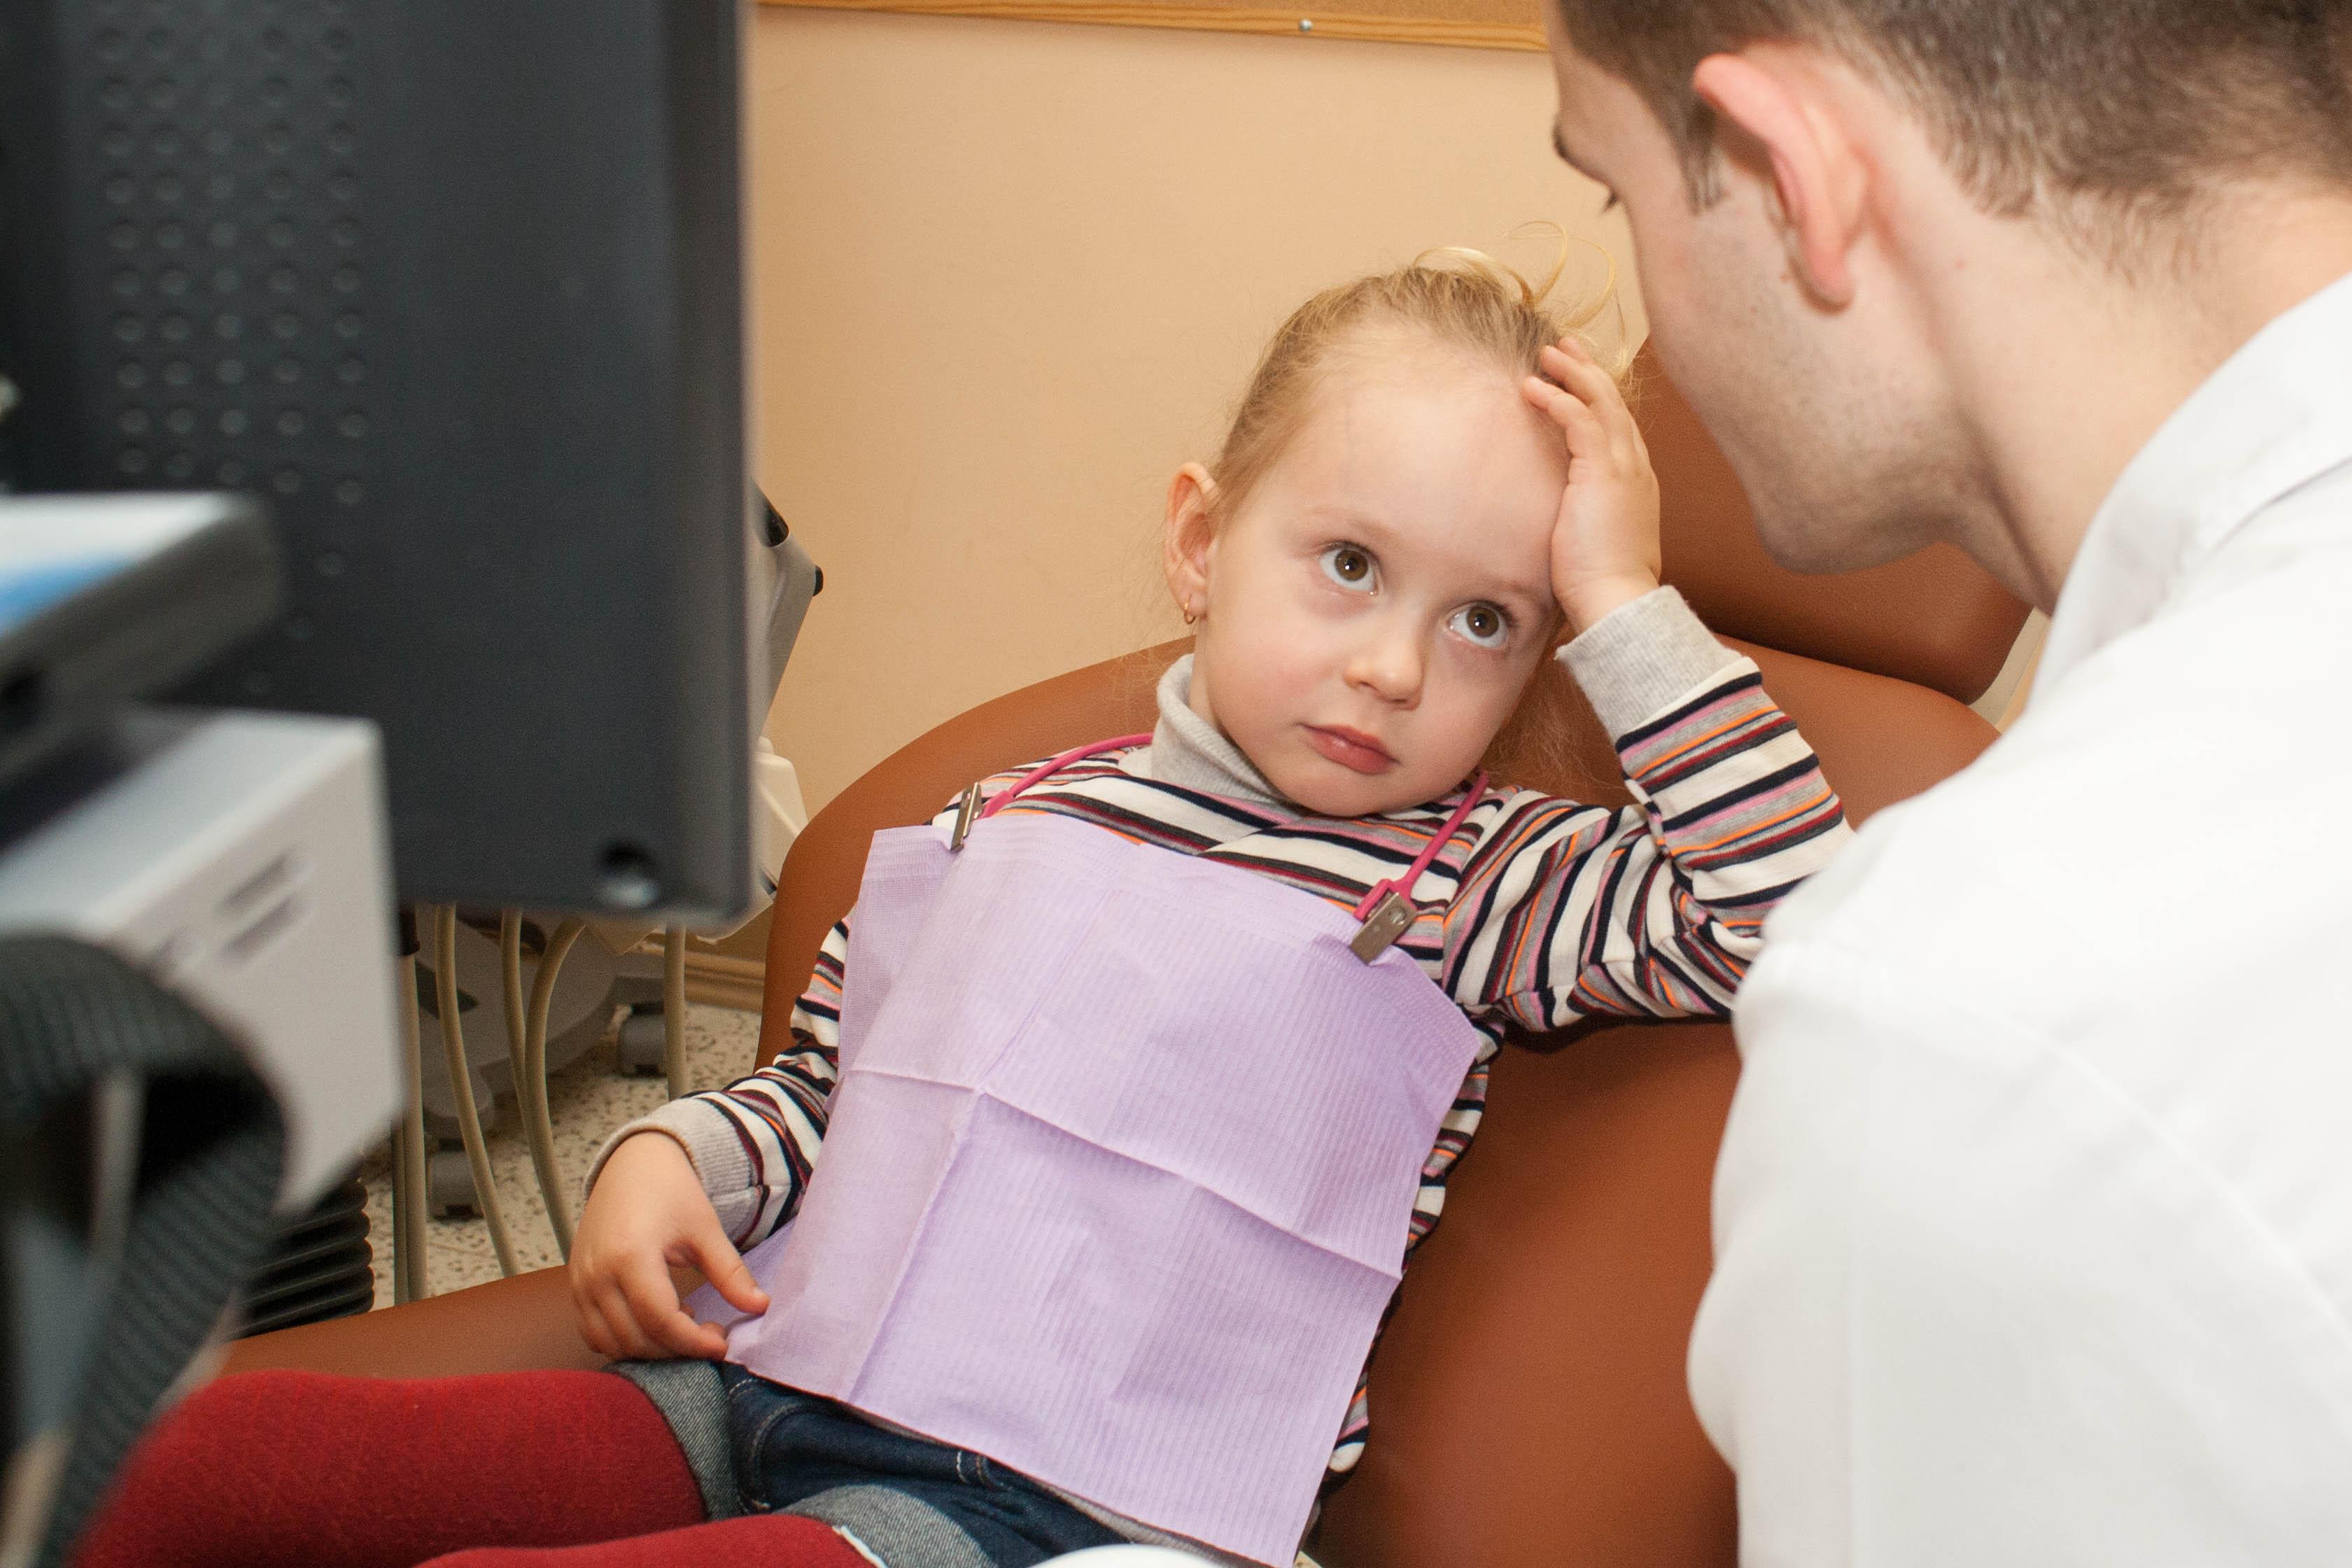 Ruošdamiesi į kliniką nepasakokite, kad gali skaudėti. Jei nežinote, reikės gydyti ar ne, nekalbėkite ir pernelyg pozityviai – rizikuojate prarasti mažojo pasitikėjimą. (V. Samuolio nuotr.)